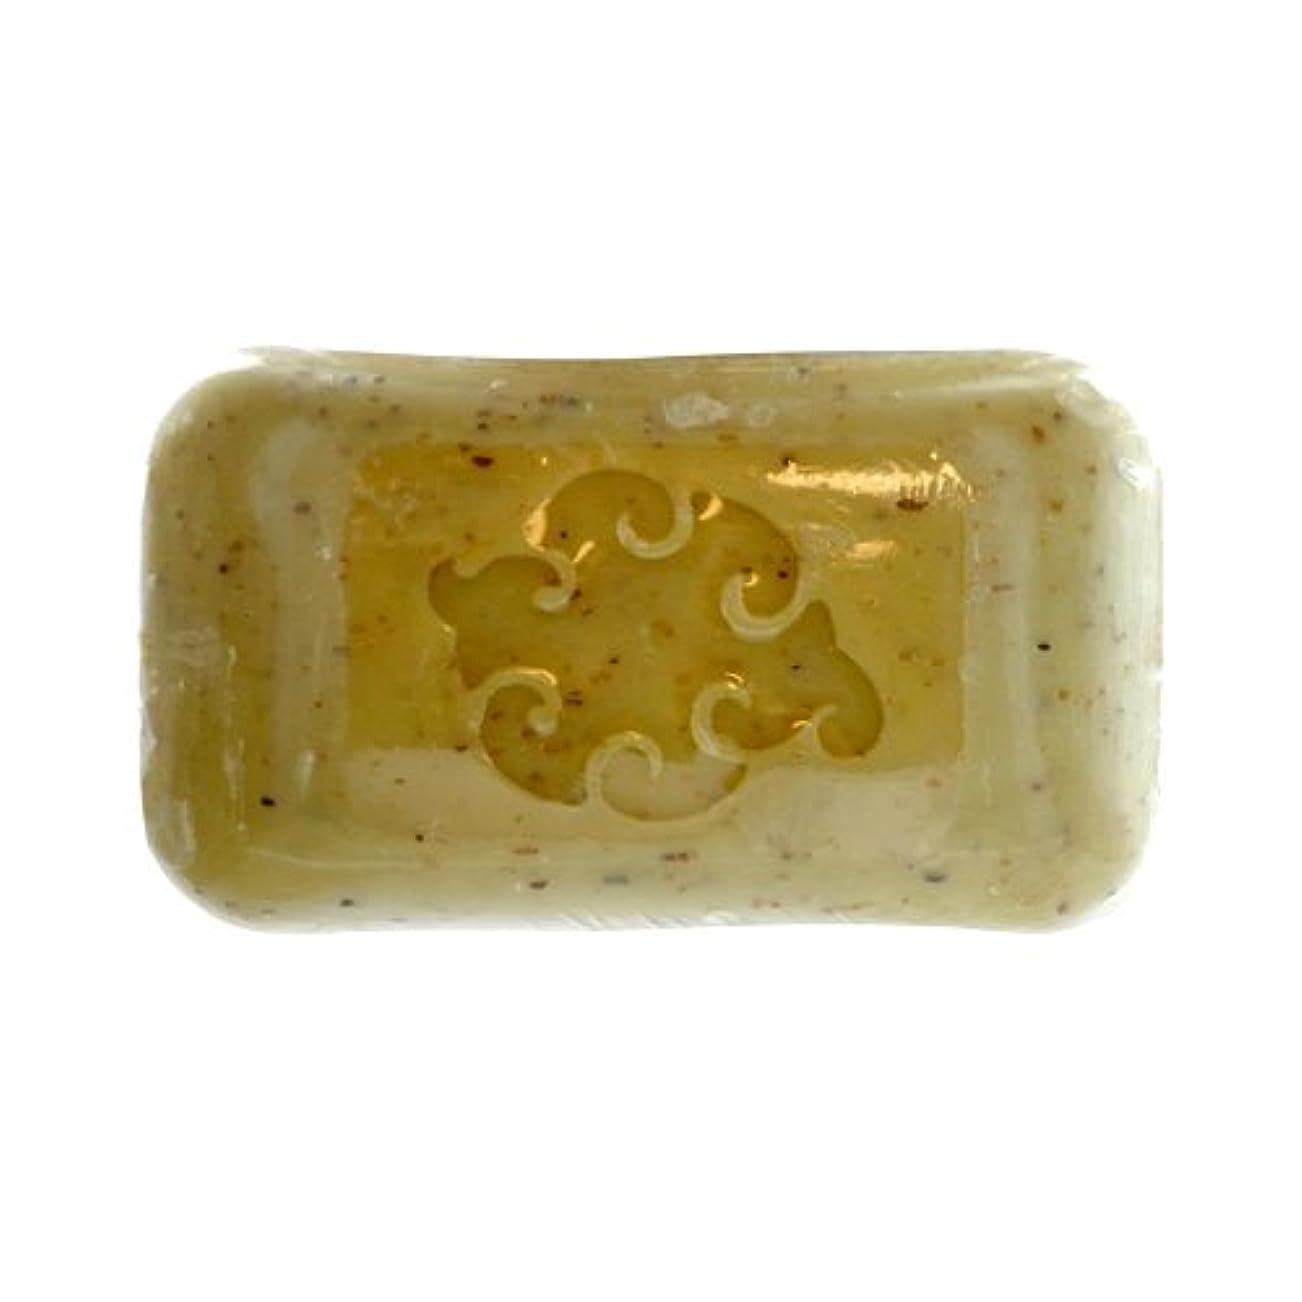 いつでも非常に怒っていますカレッジBaudelaire Soaps, Essence Hand Soap, Sea Loofa, 5 oz (141 g)